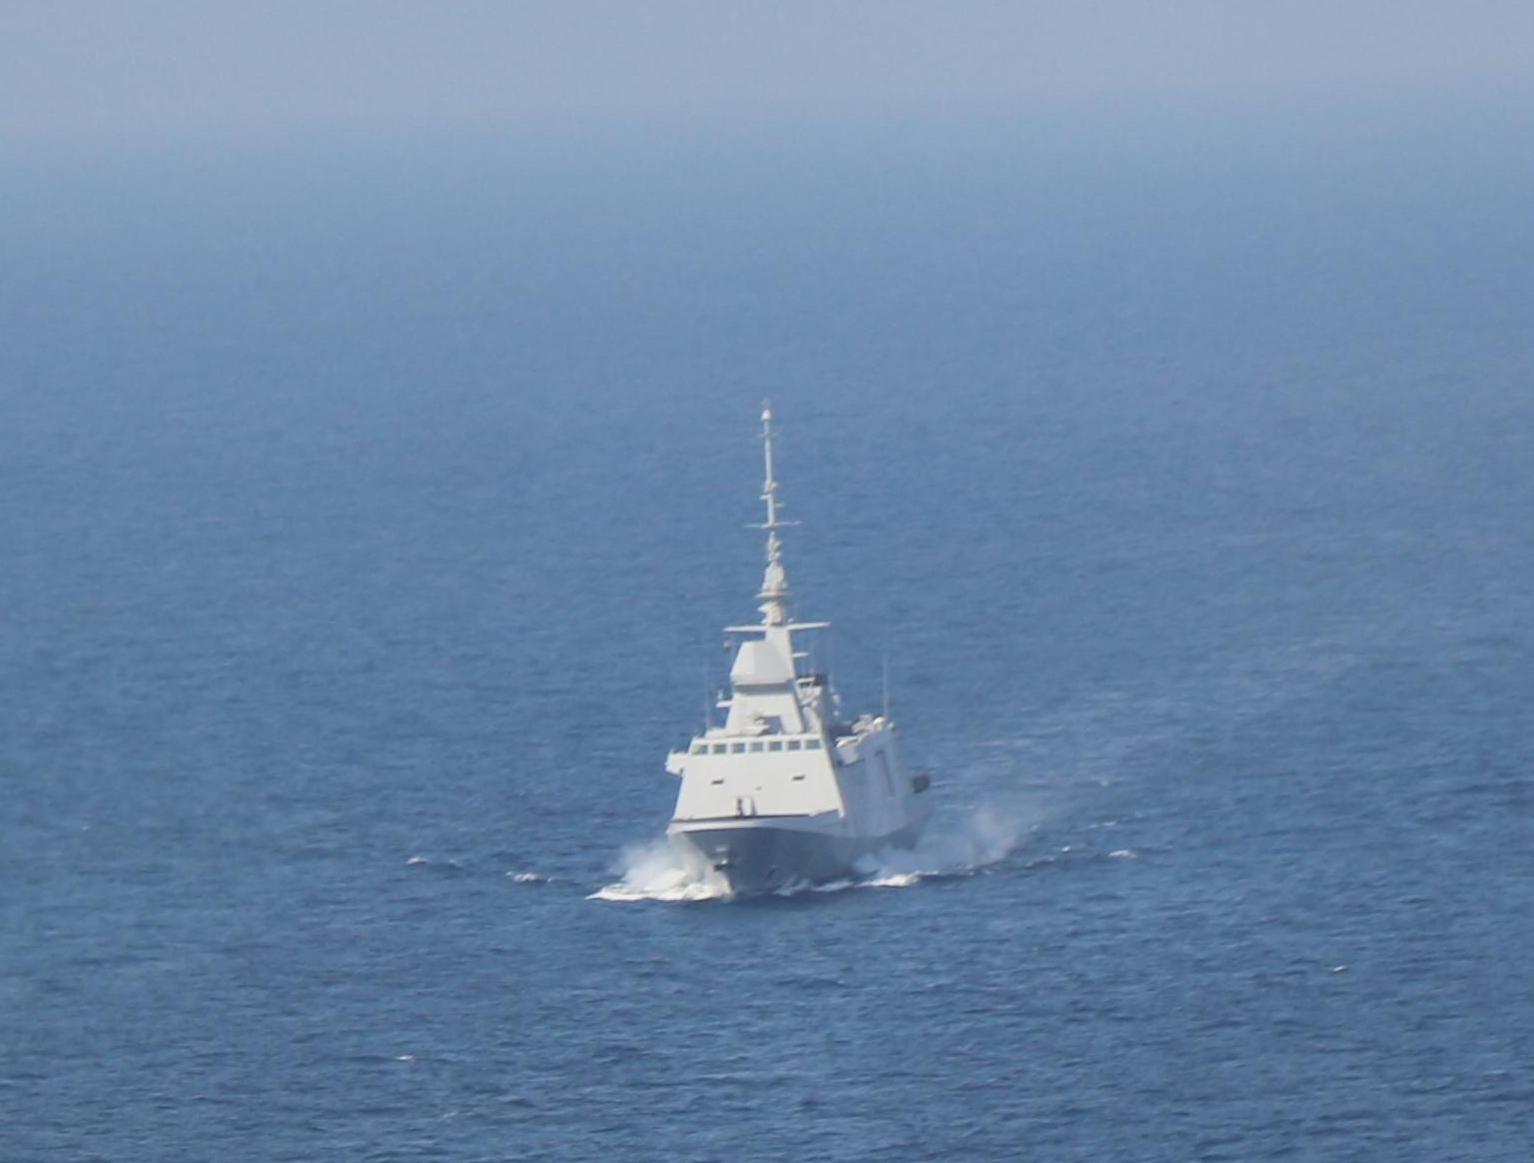 Royal Moroccan Navy FREMM Frigate / FREMM Marocaine - Mohammed VI - Page 13 49249055001_51db9d350f_o